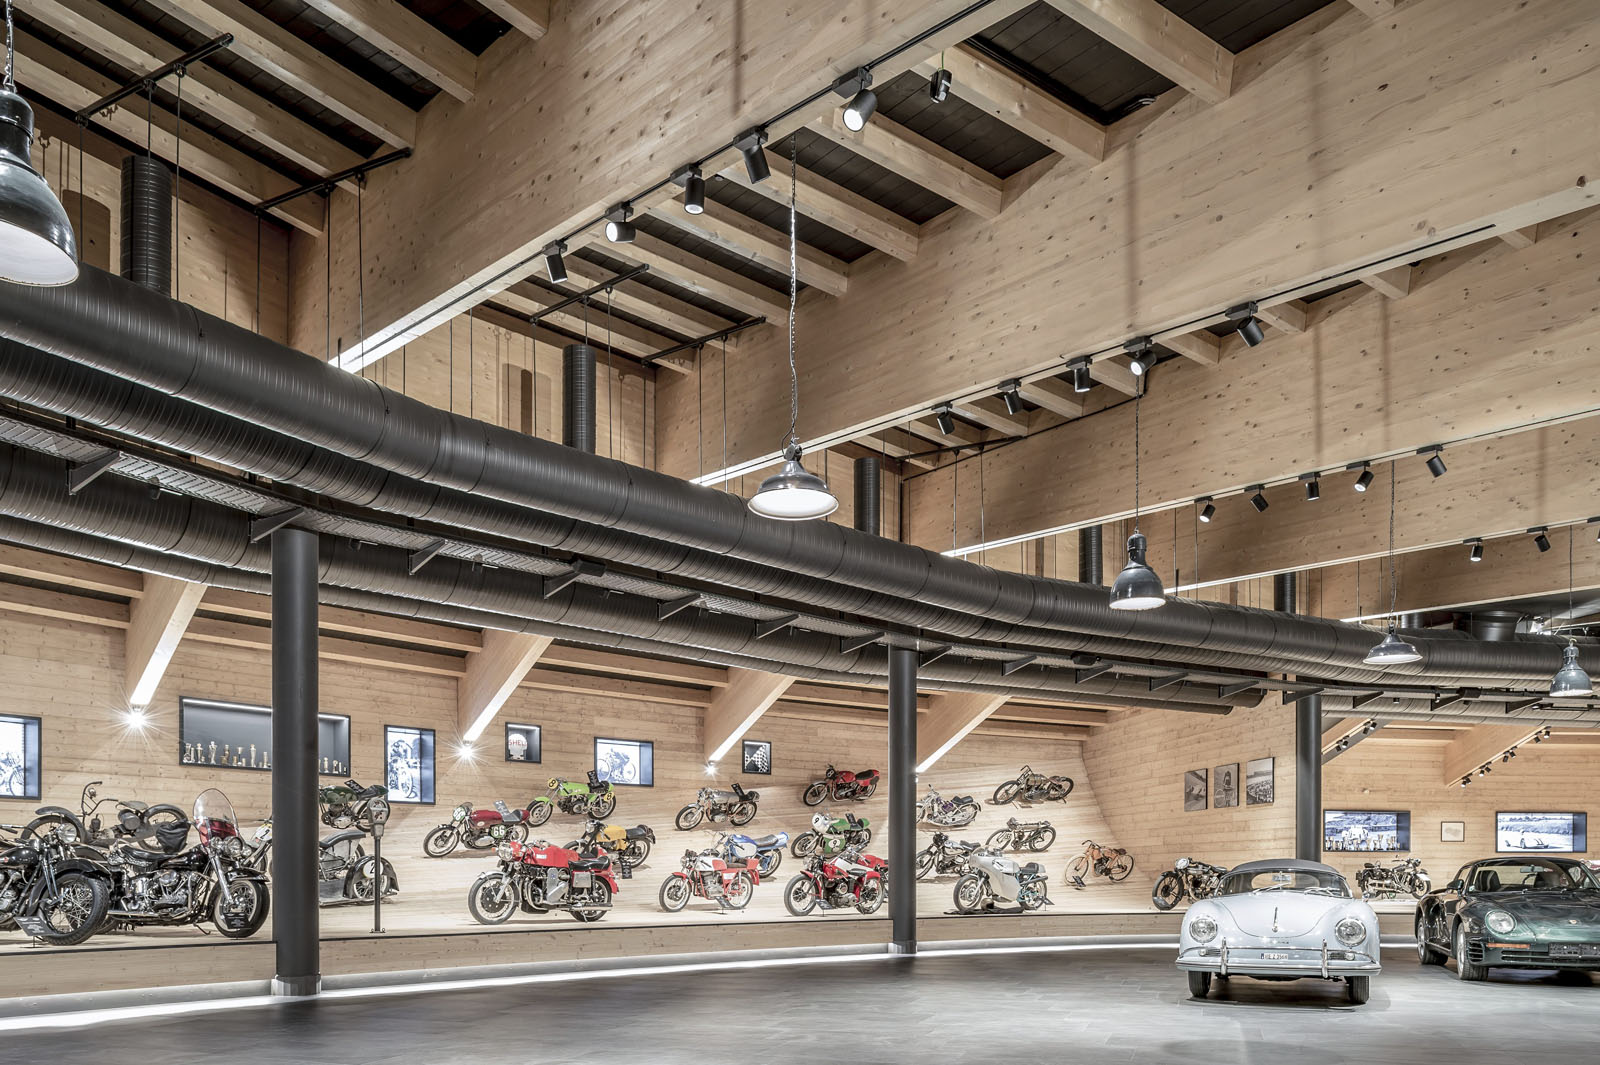 motorradmuseum-1.jpg